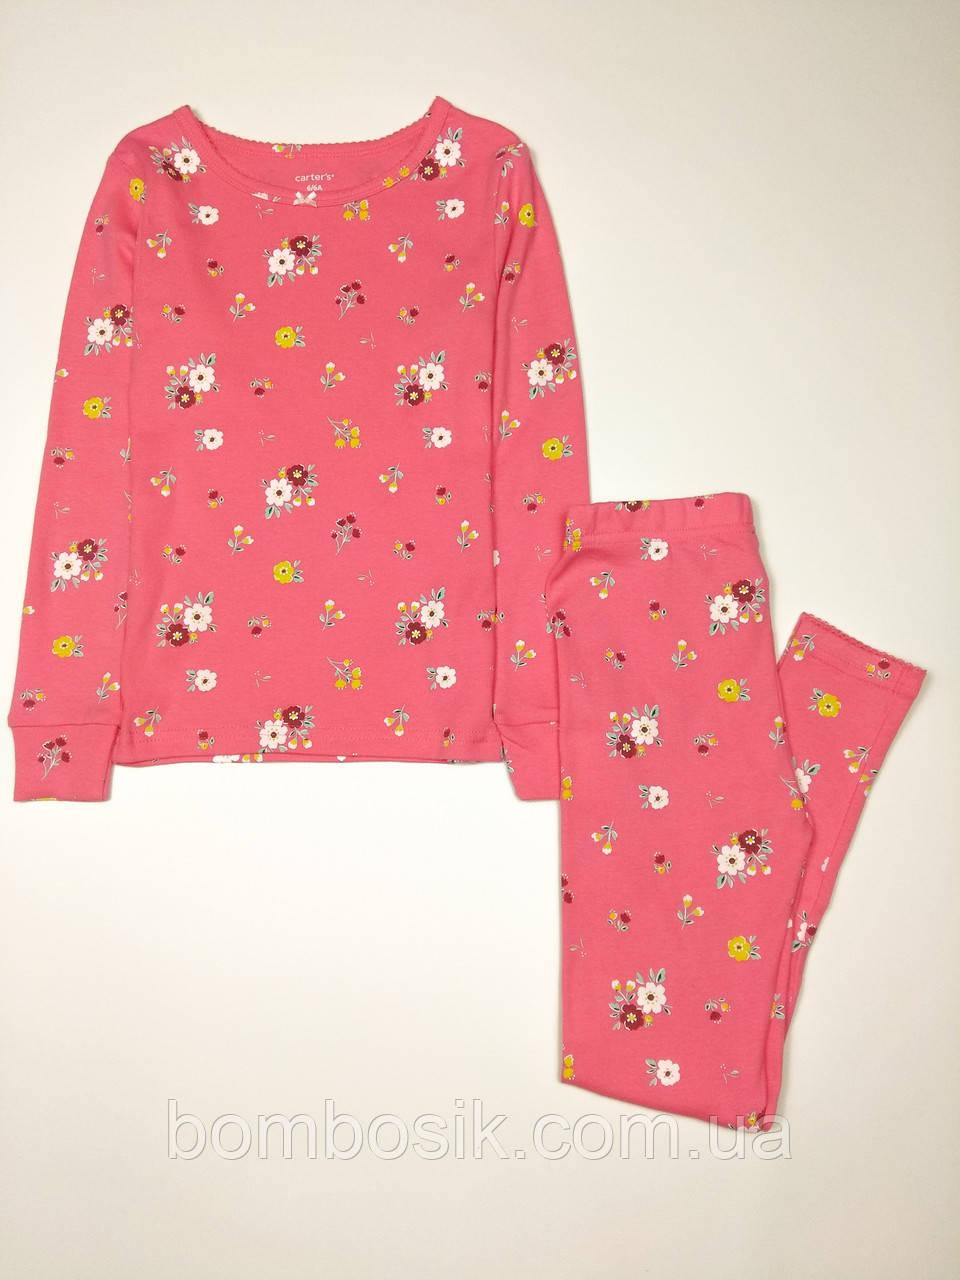 Пижама Картерс для девочки 140